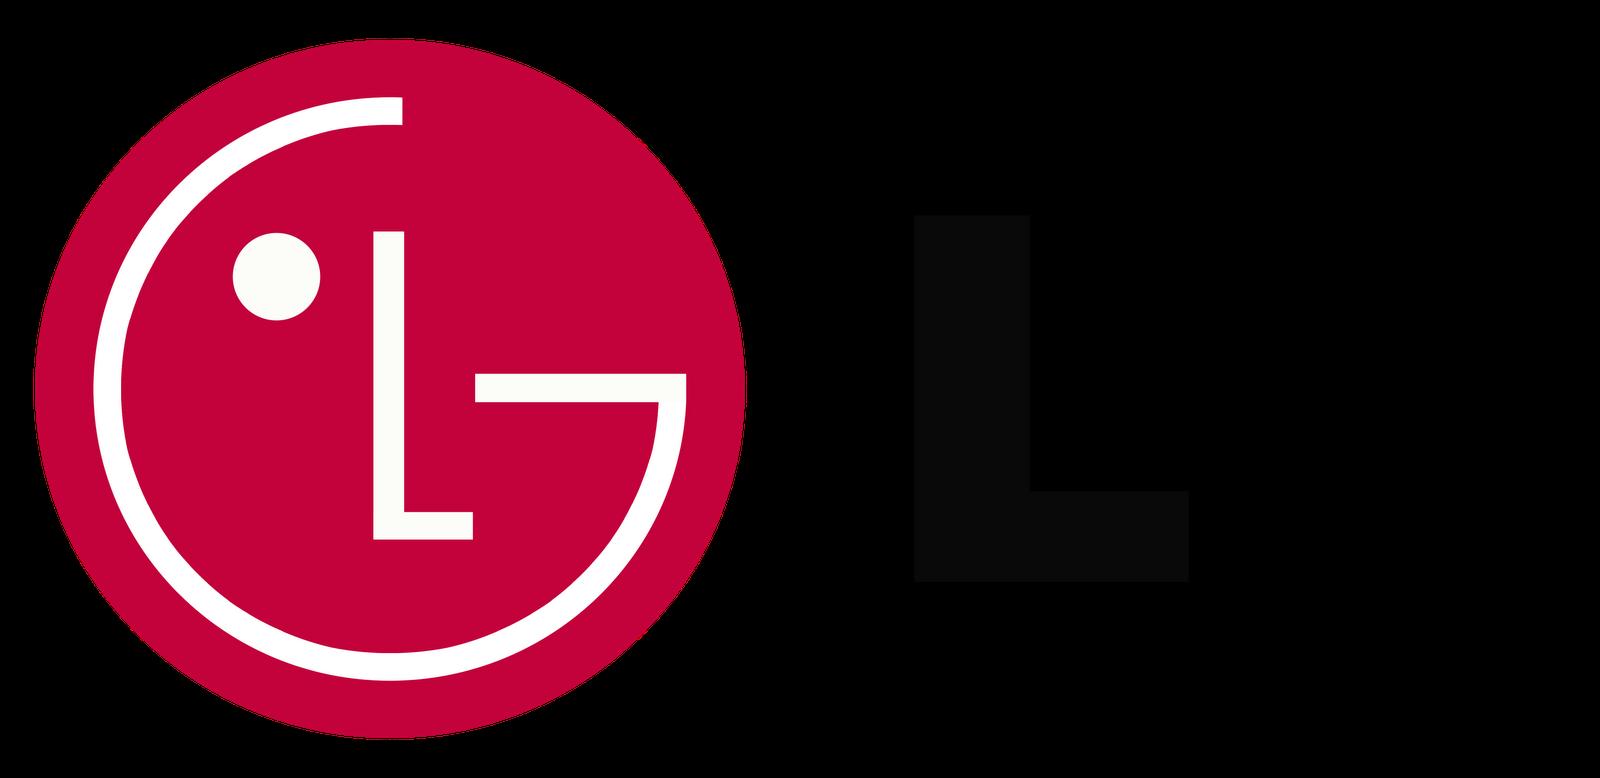 LG sucht dringend 150 Komparsen für TV-Werbespot in Leipzig!